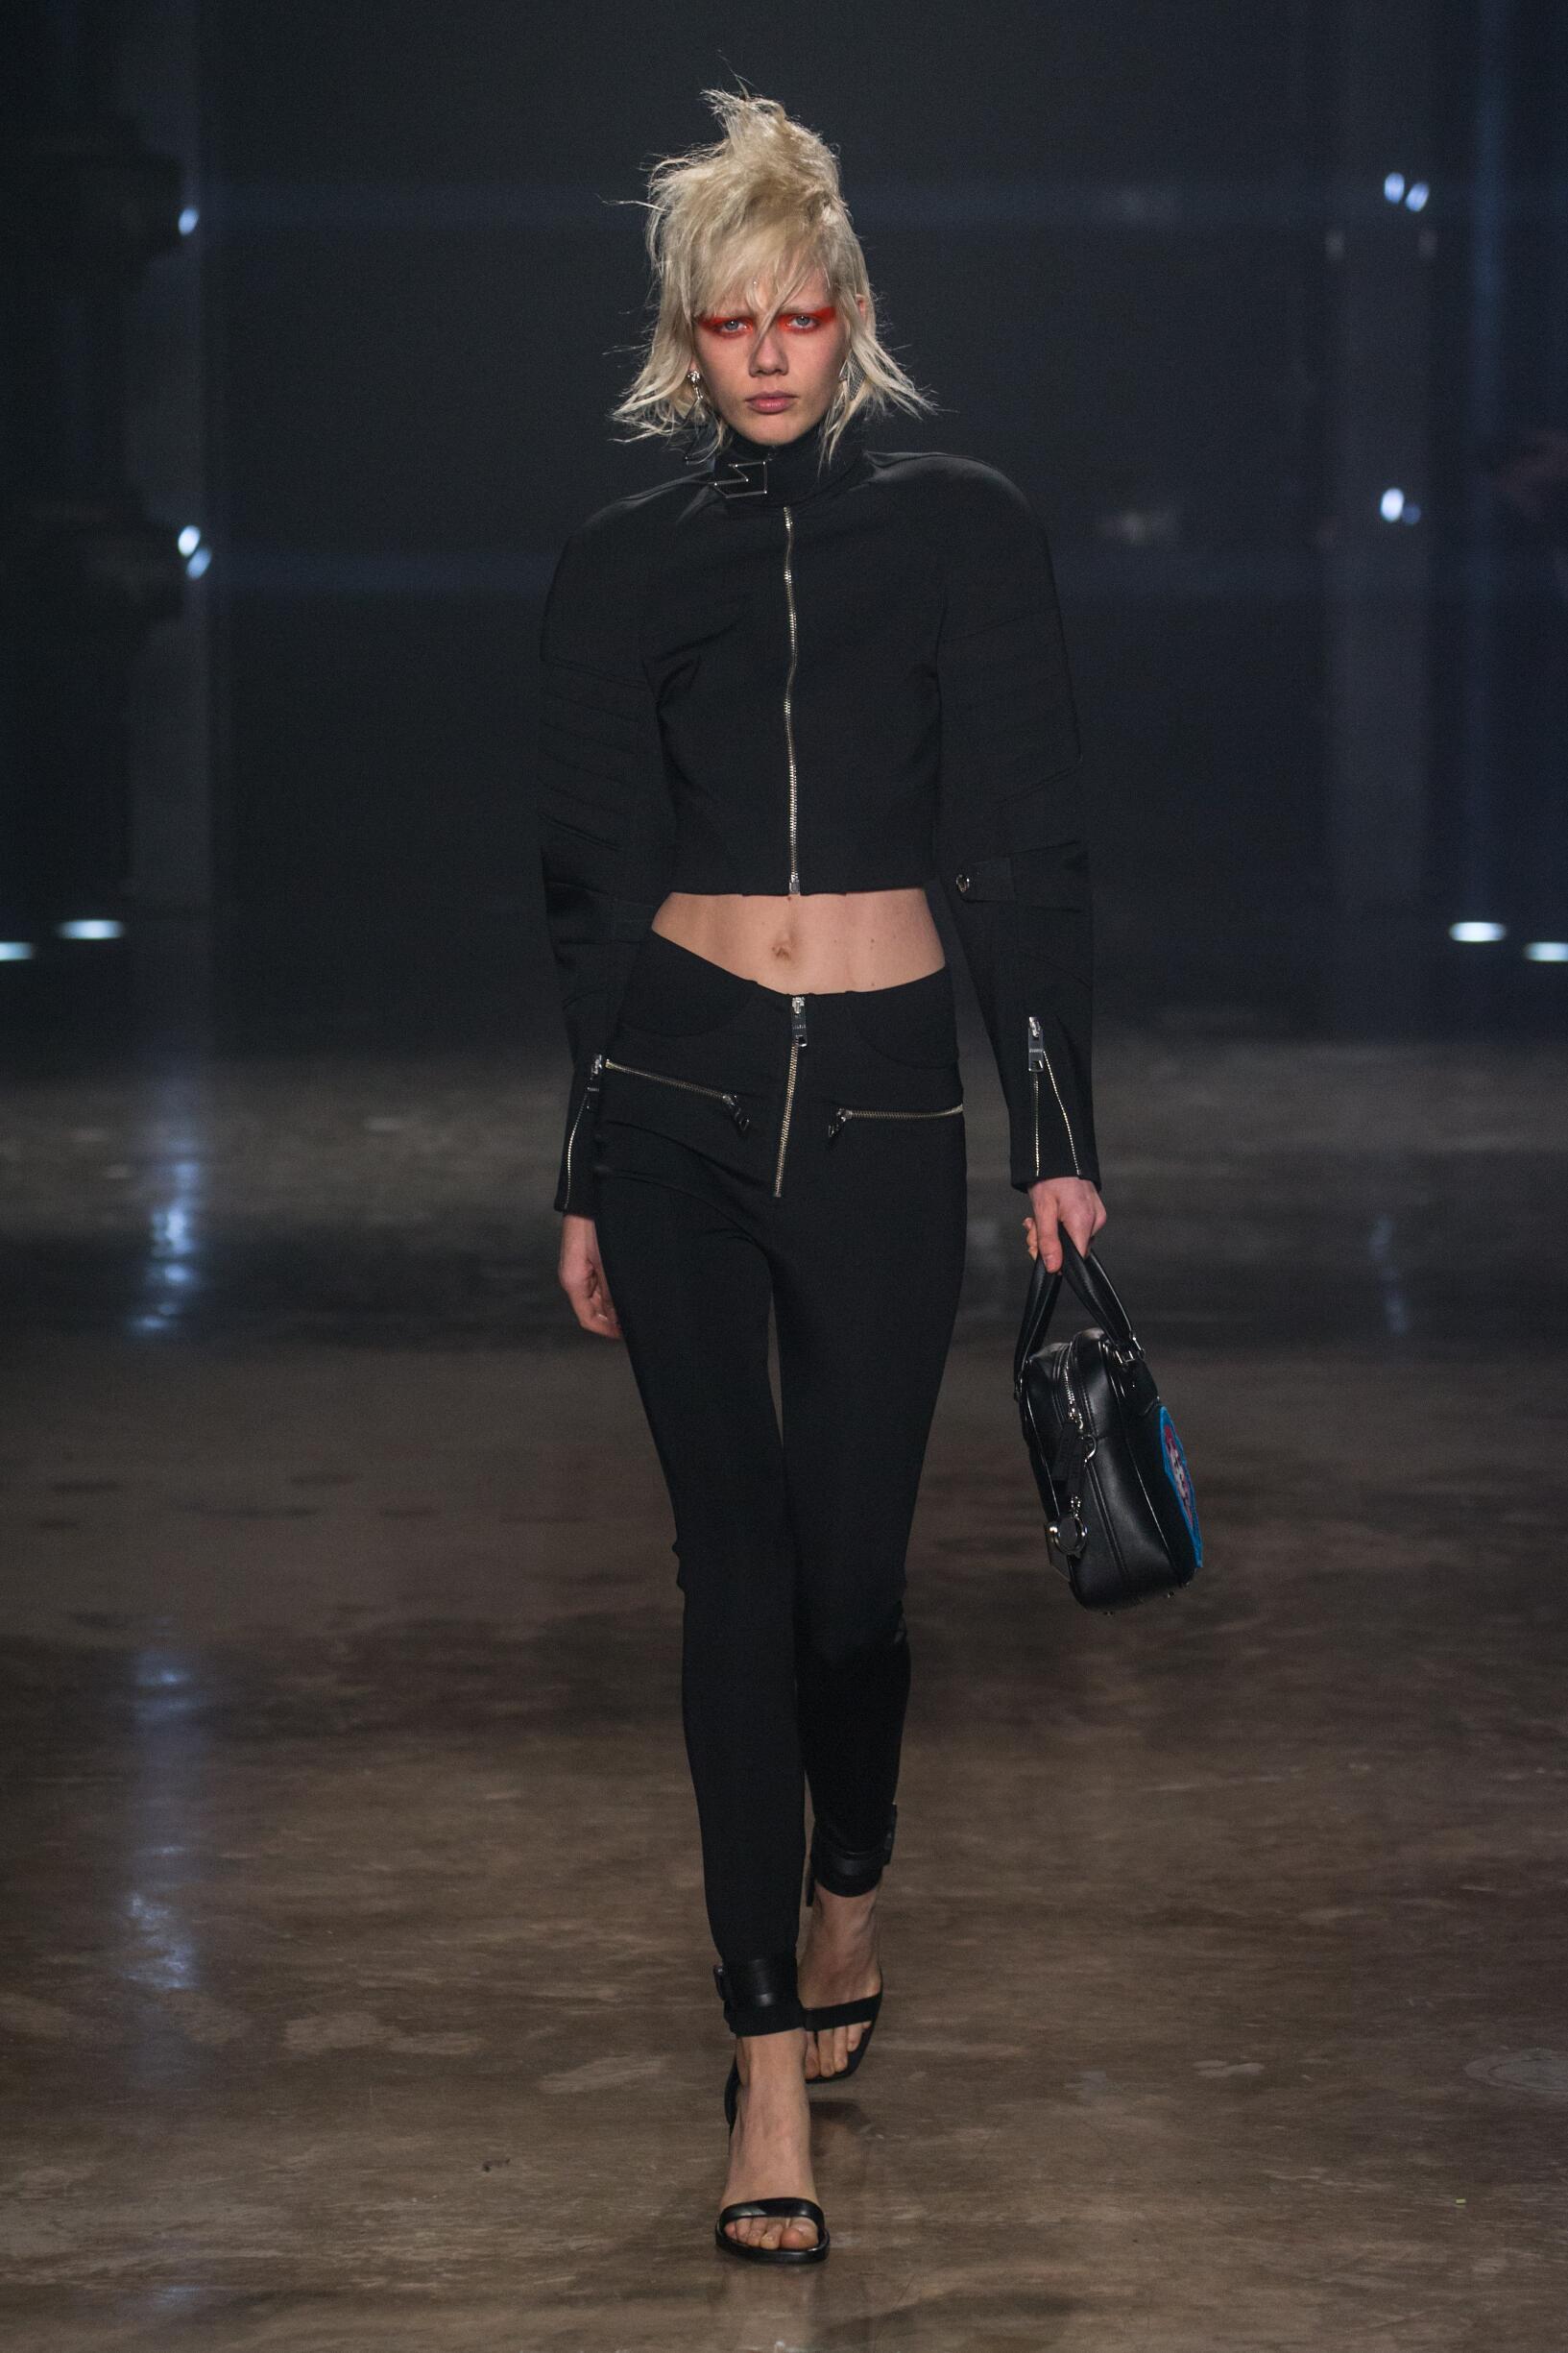 39554fd2cec60 Woman FW 2017-18 Fashion Show Versus Versace